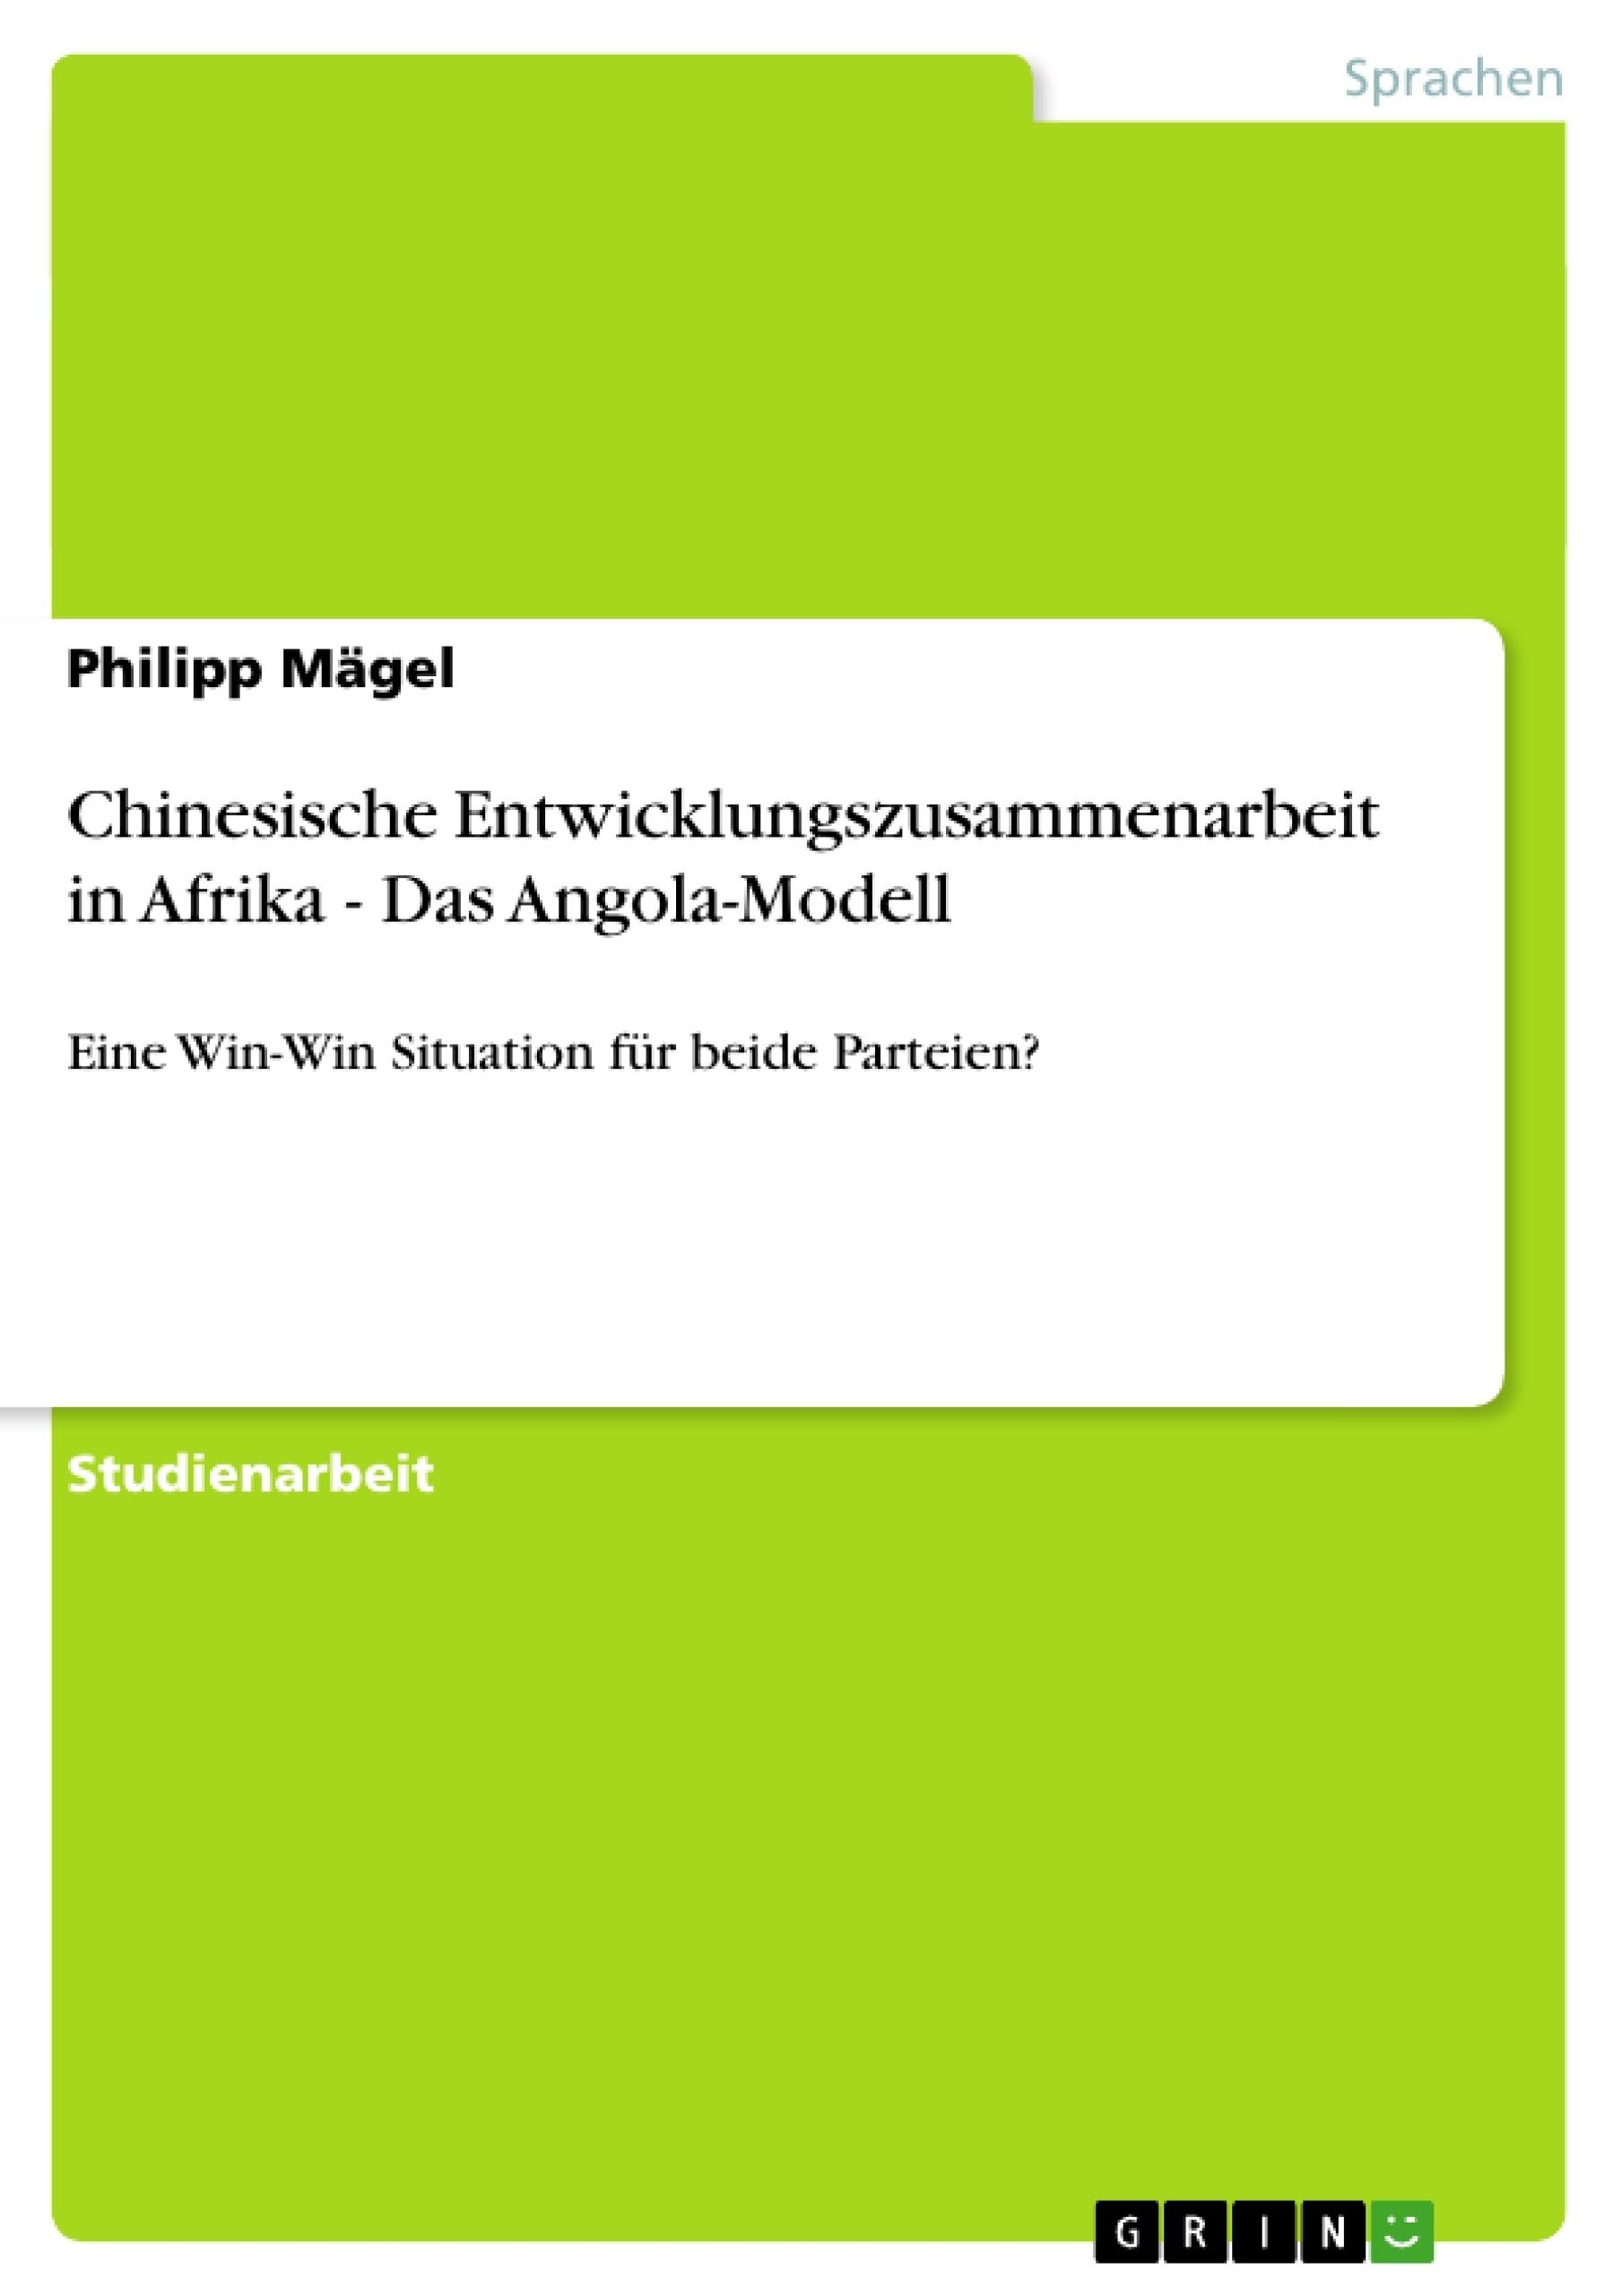 Titel: Chinesische Entwicklungszusammenarbeit in Afrika - Das Angola-Modell